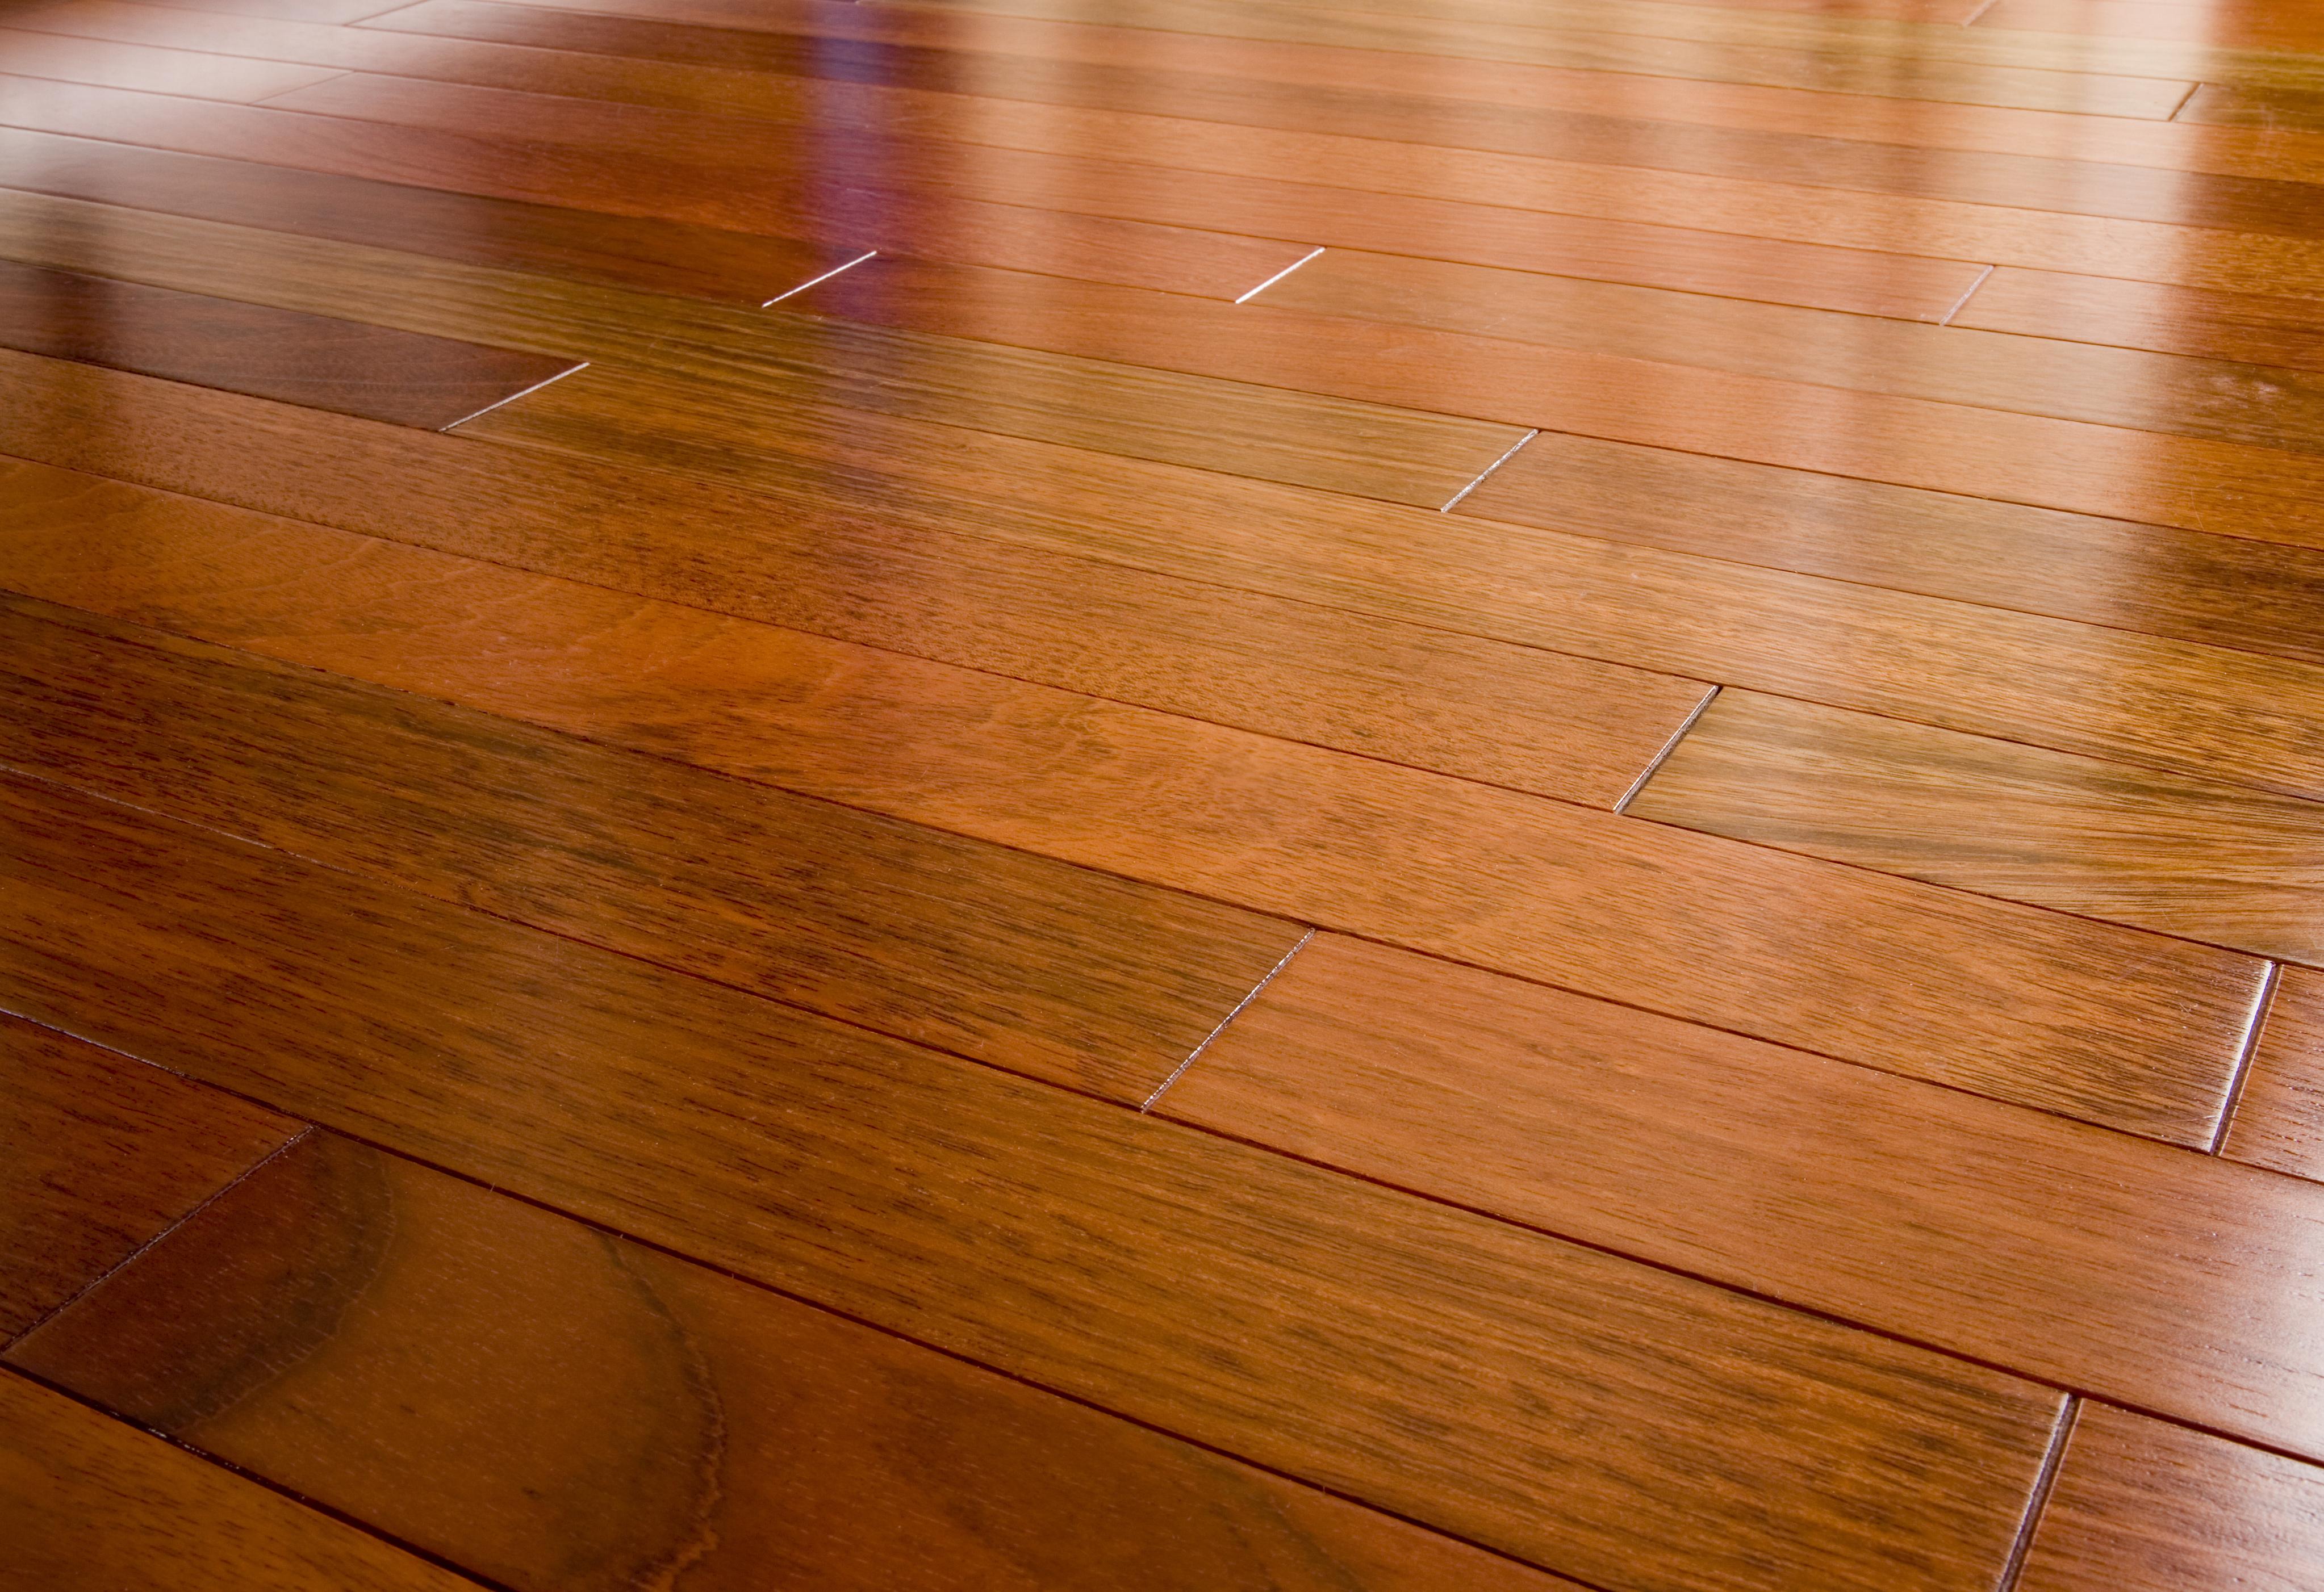 wooden flooring having ... NUHIMDJ